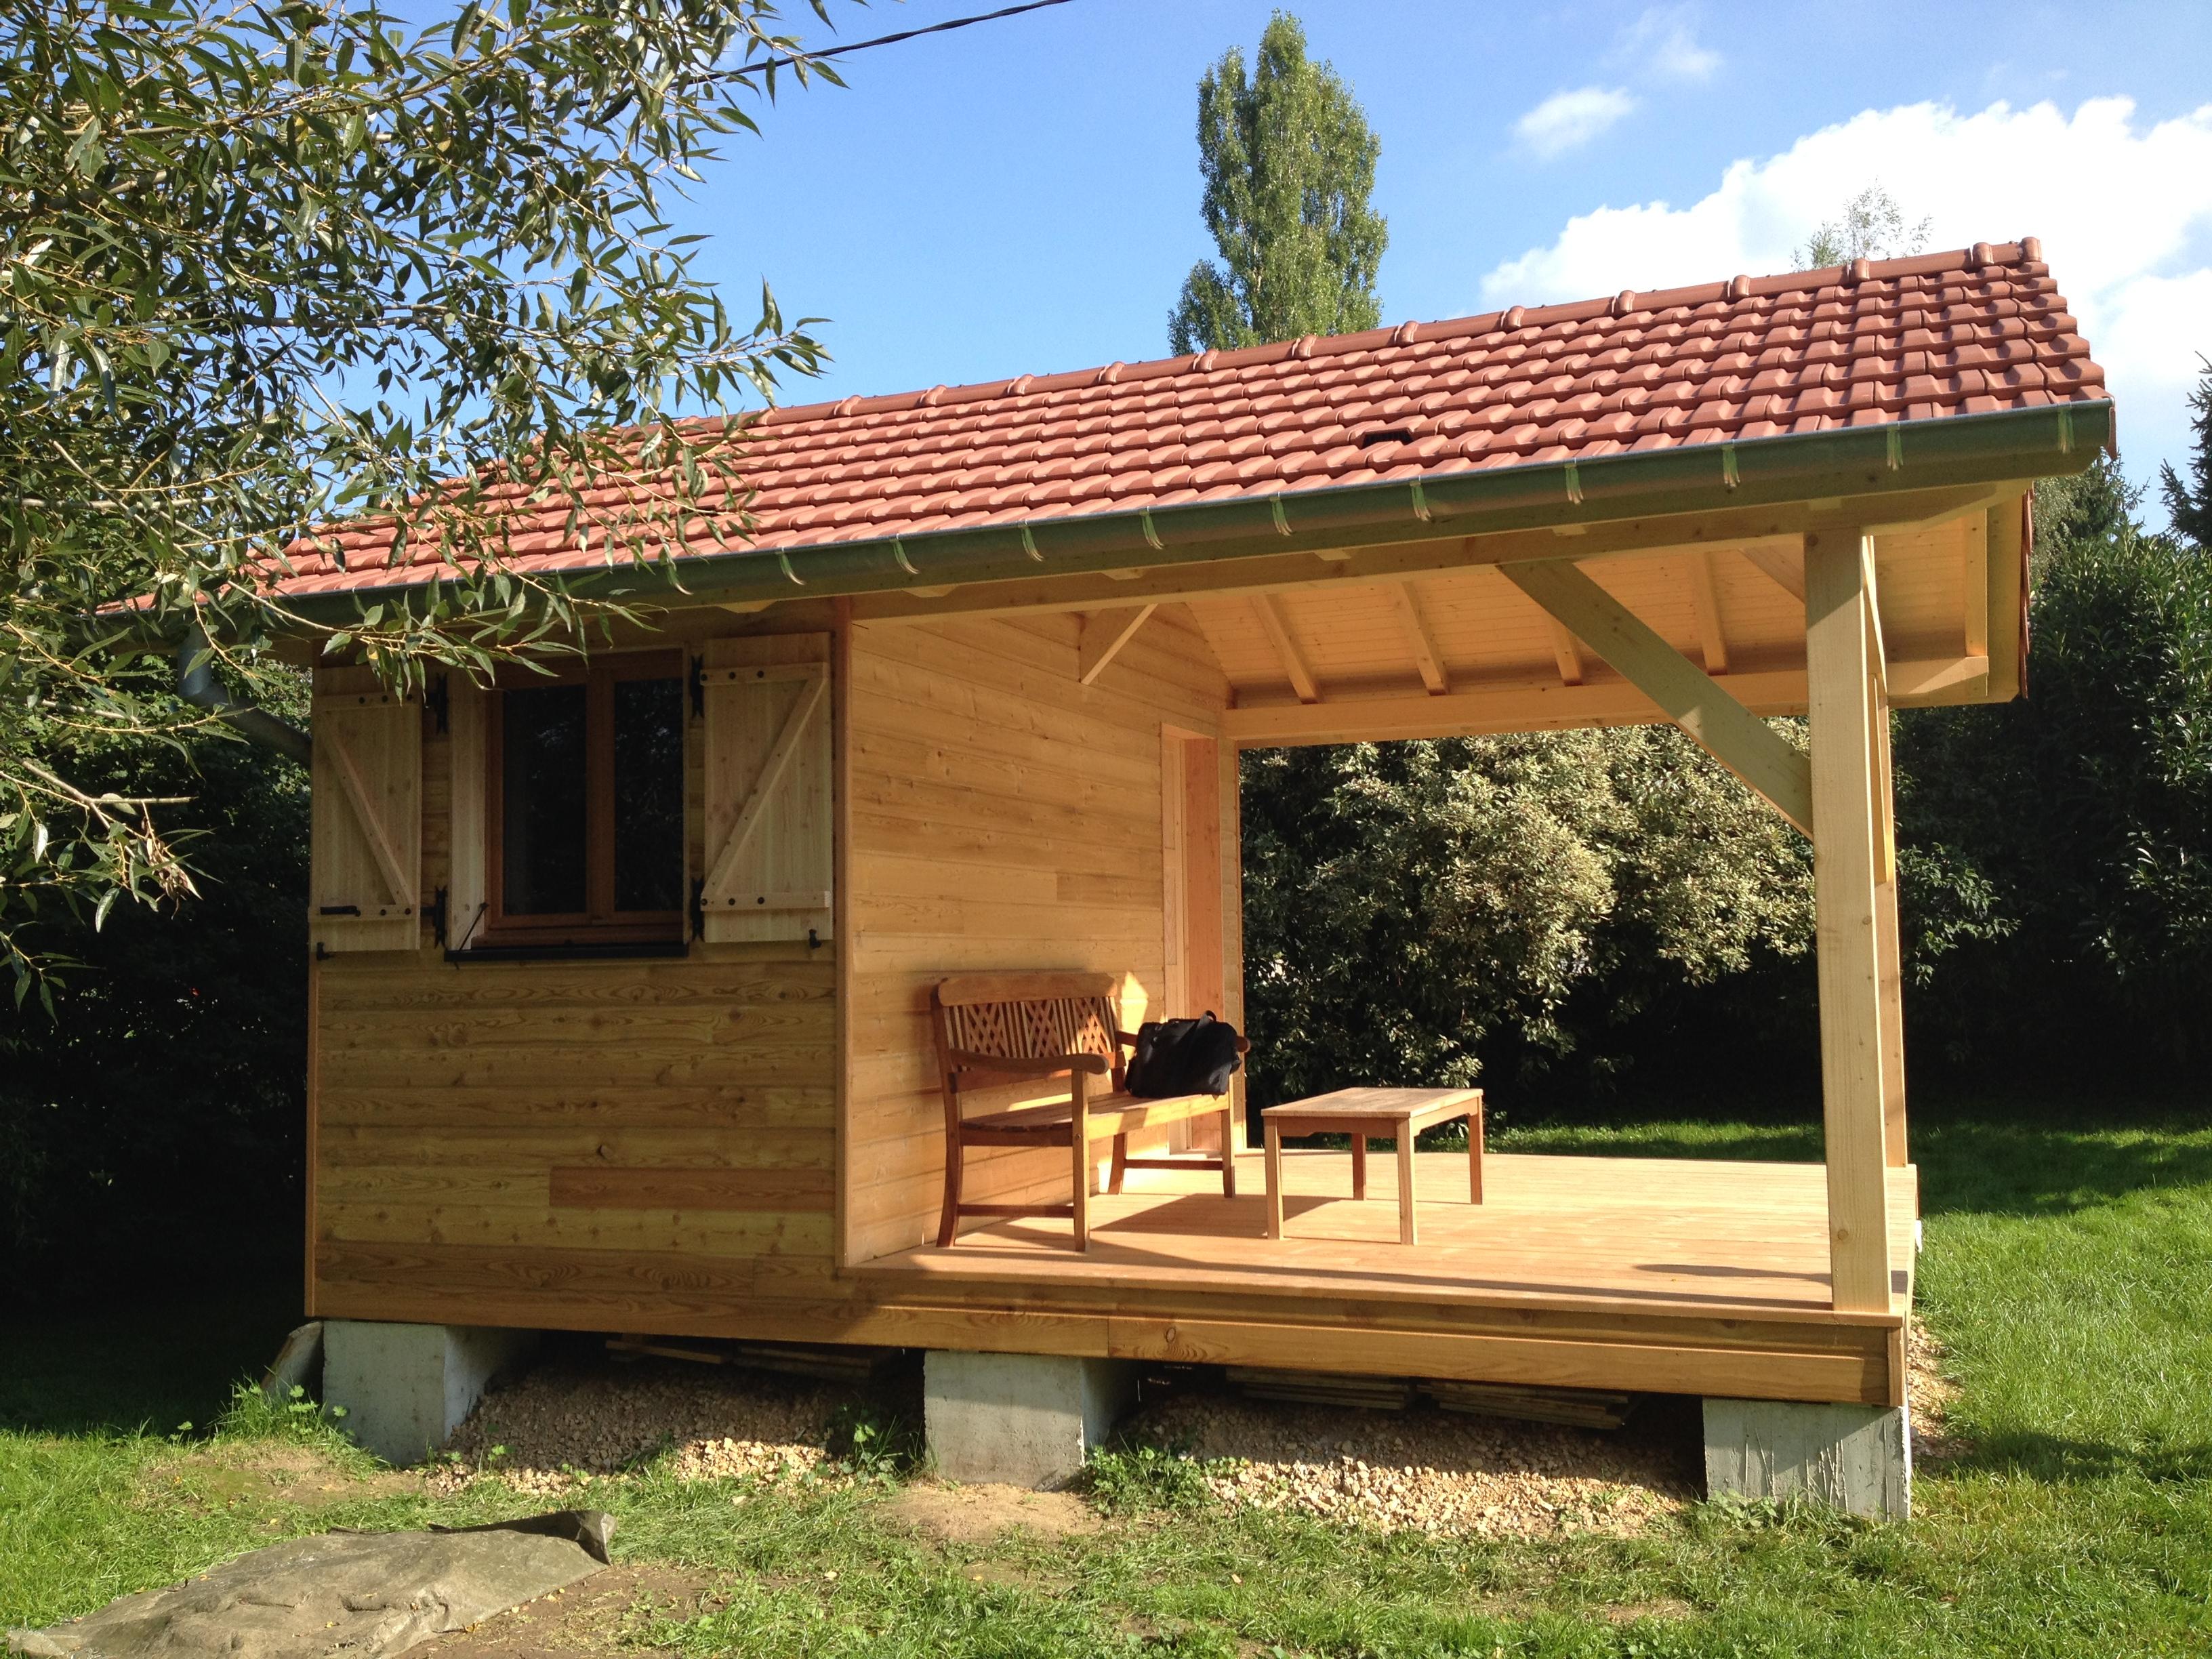 Chalet de jardin en bois abt construction bois for Chalet bois abris de jardin